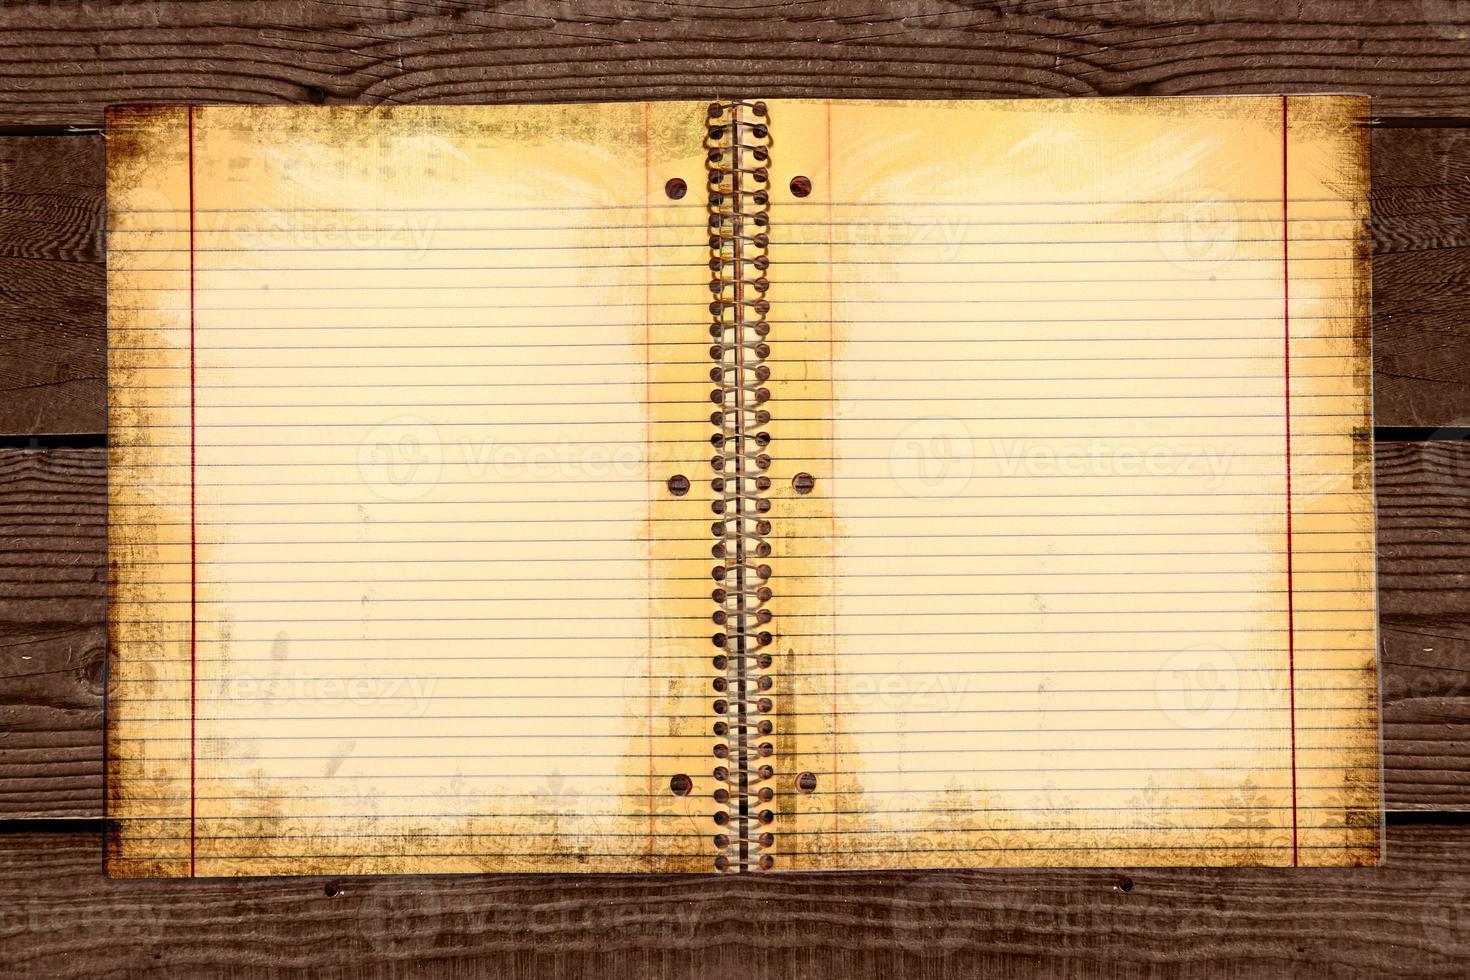 papel escolar rayado sucio en una carpeta foto